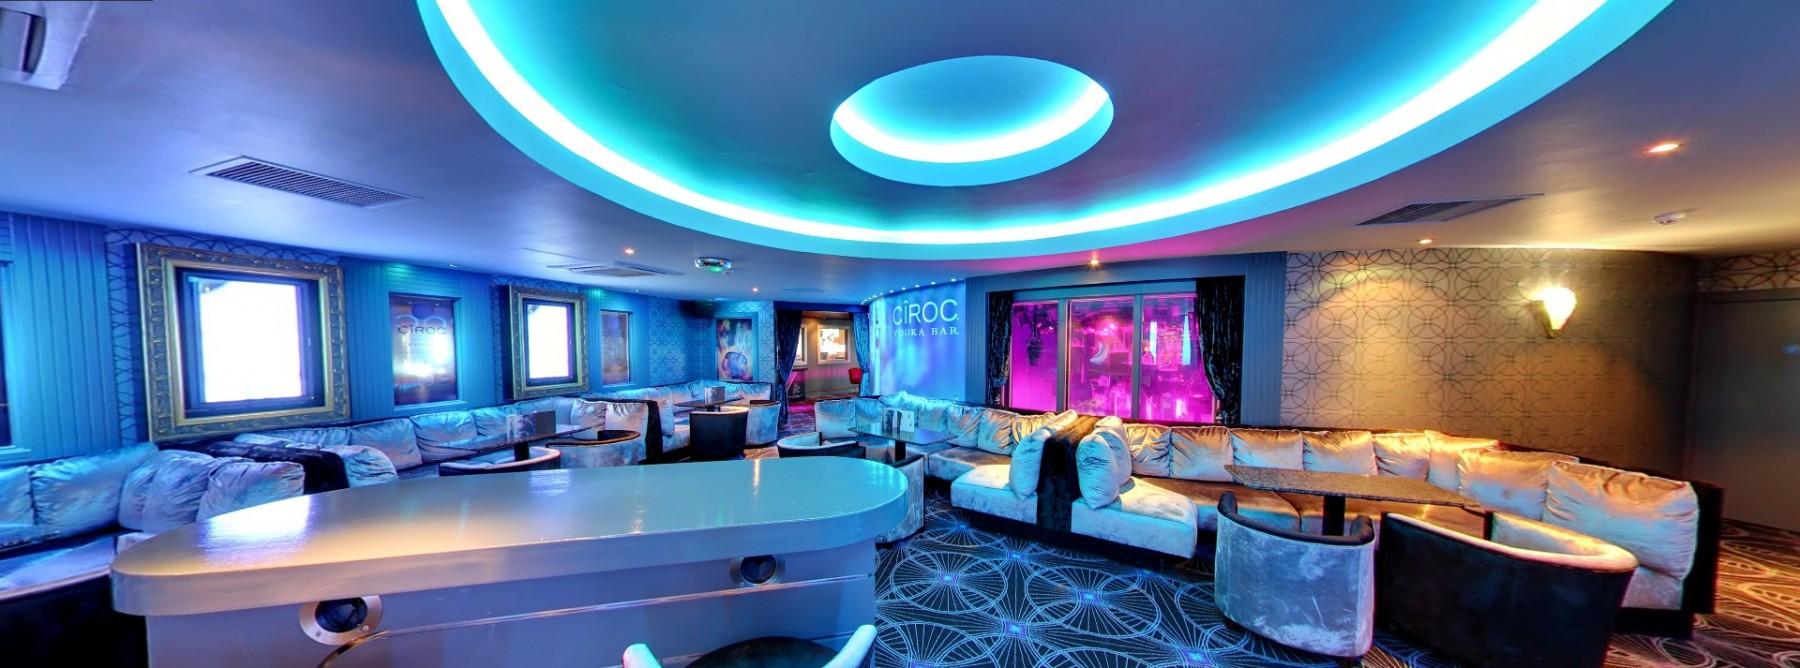 Pryzm Nightclub Brighton Led Ltd